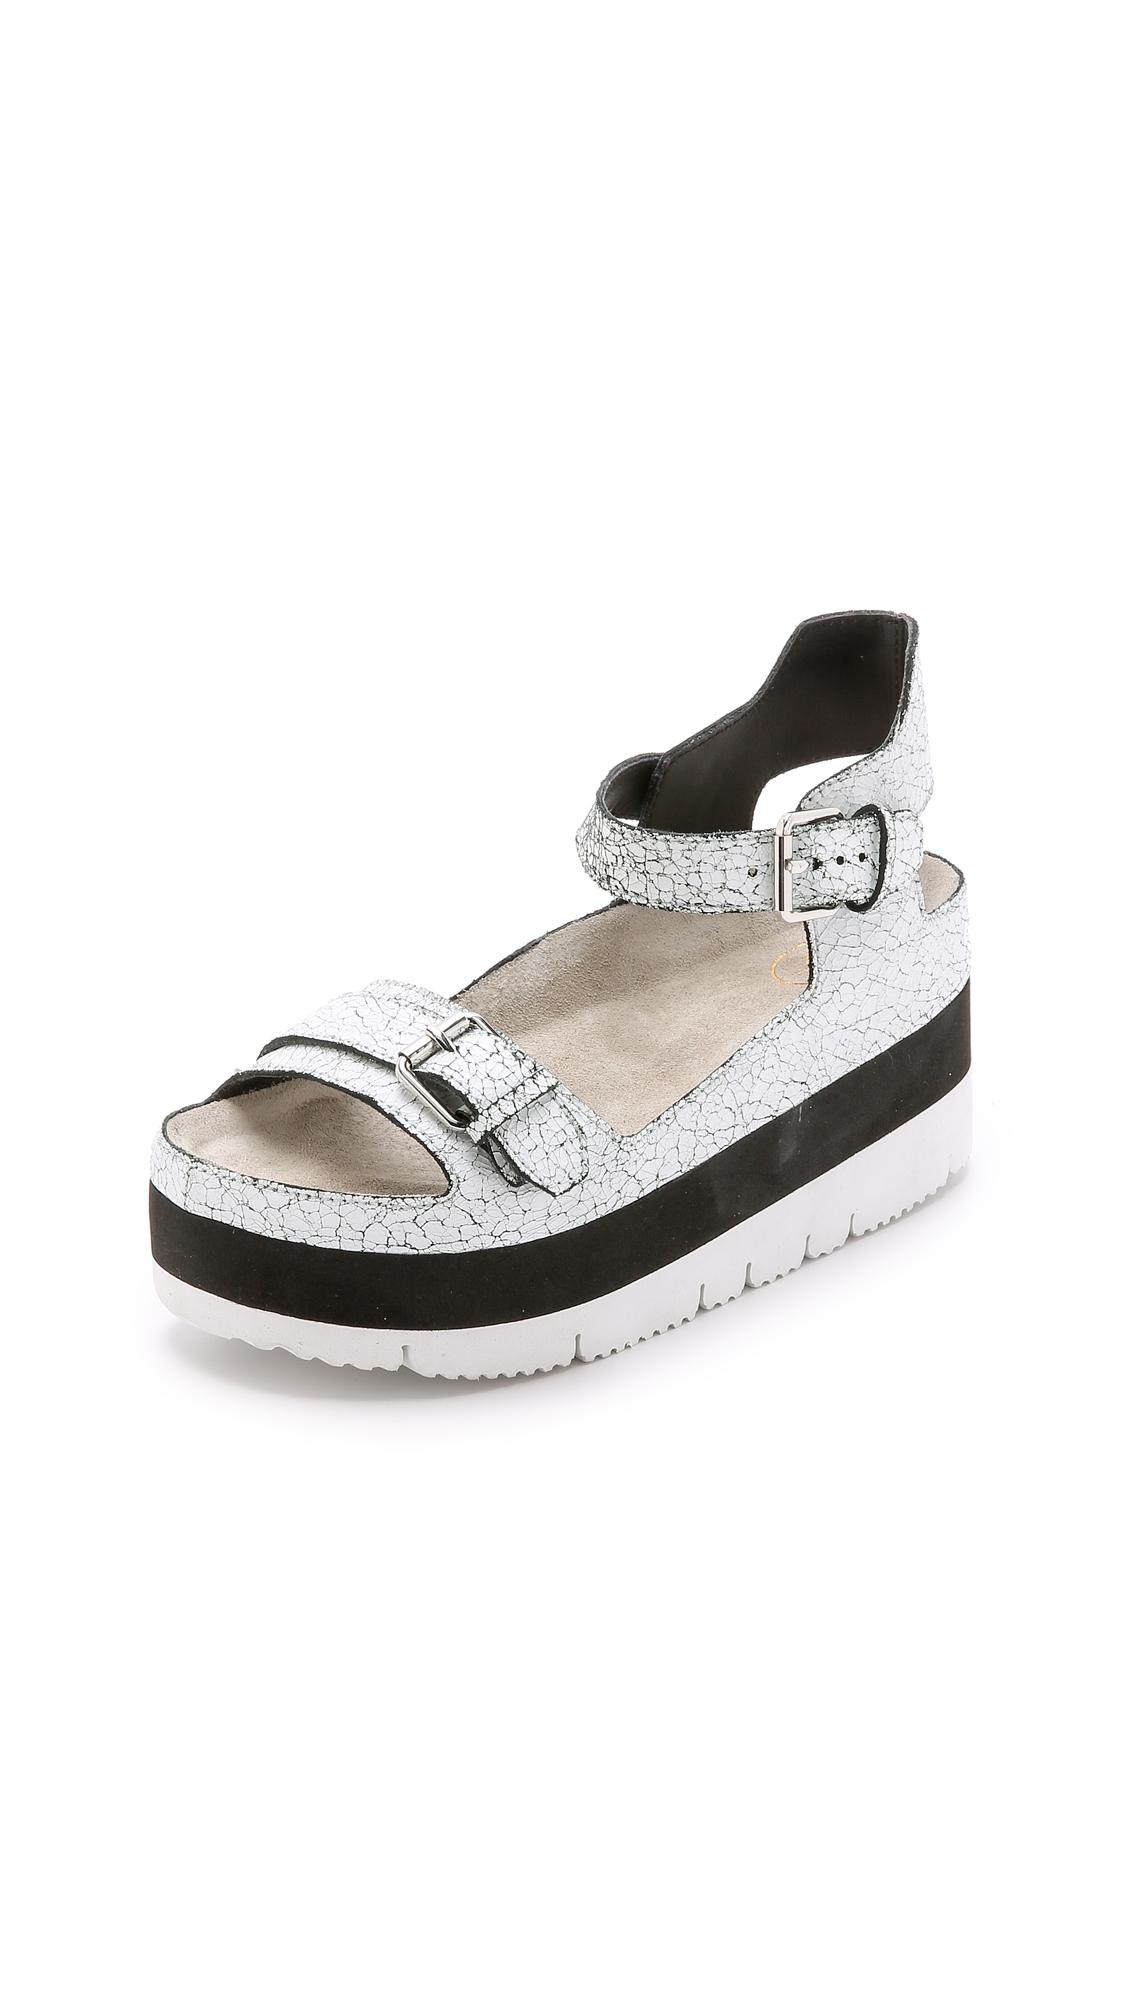 02c83a275667 Ash Vera Platform Sandals